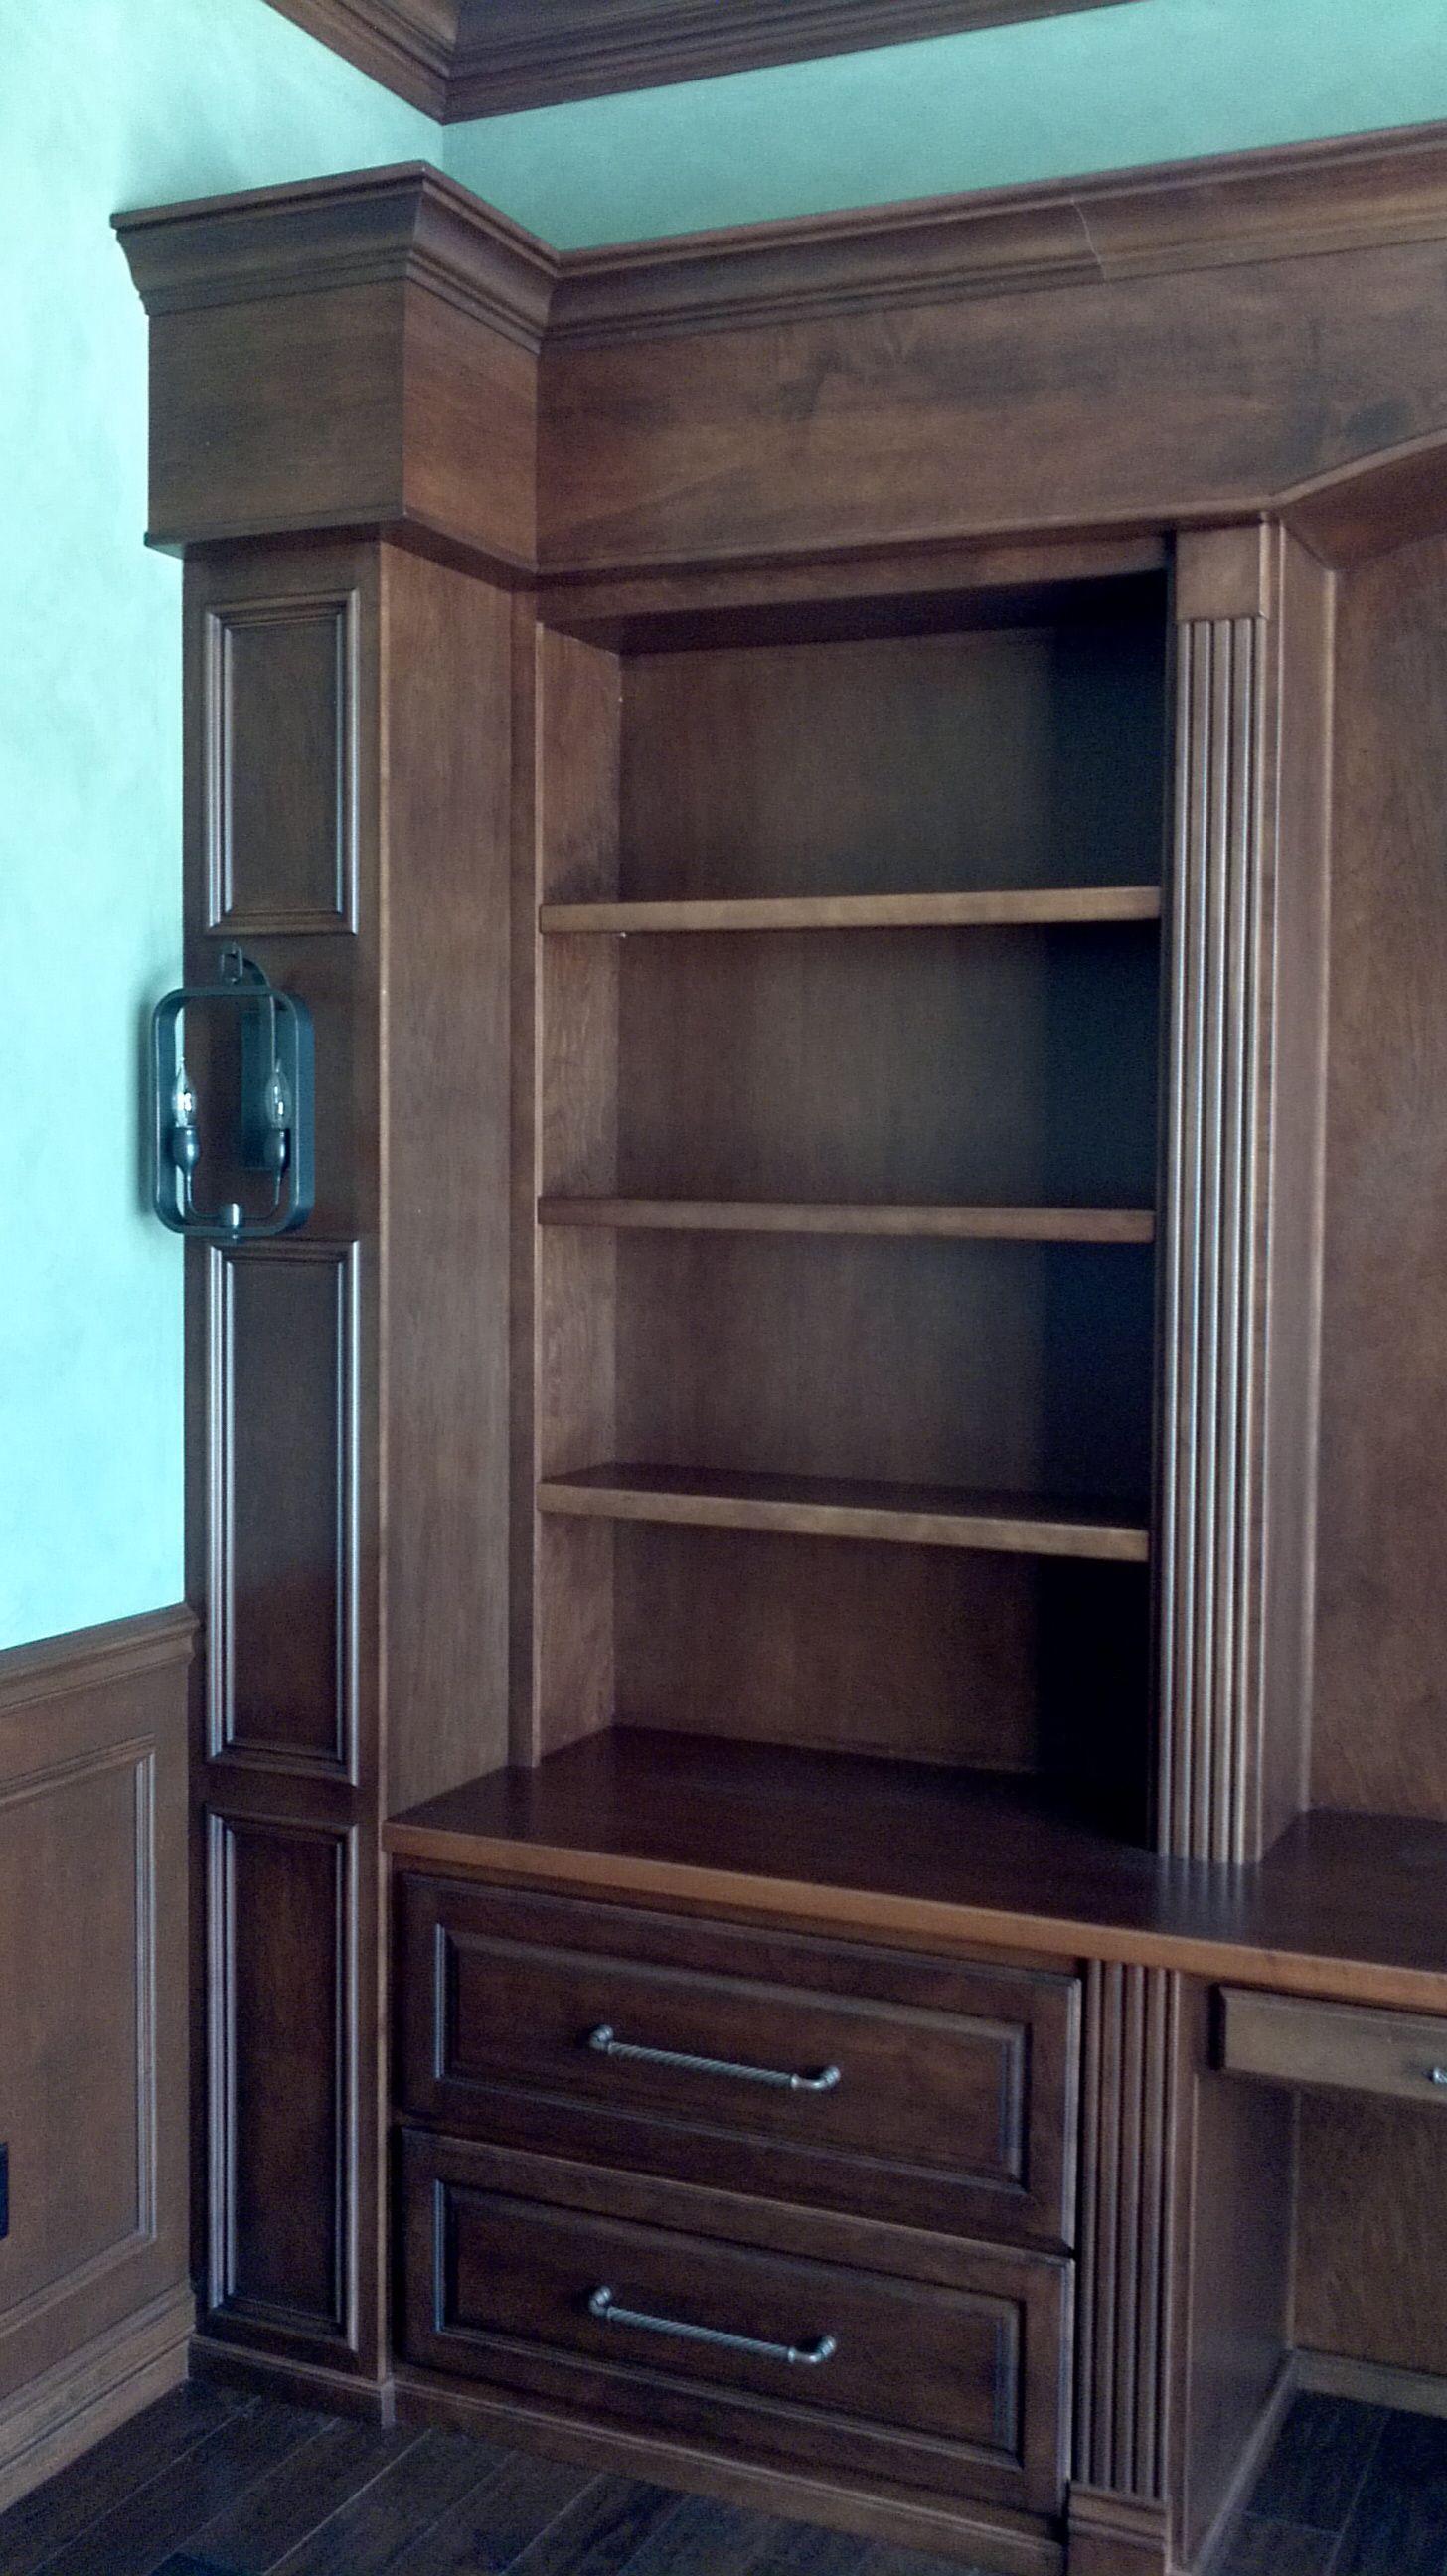 Book shelves shelves bookshelves